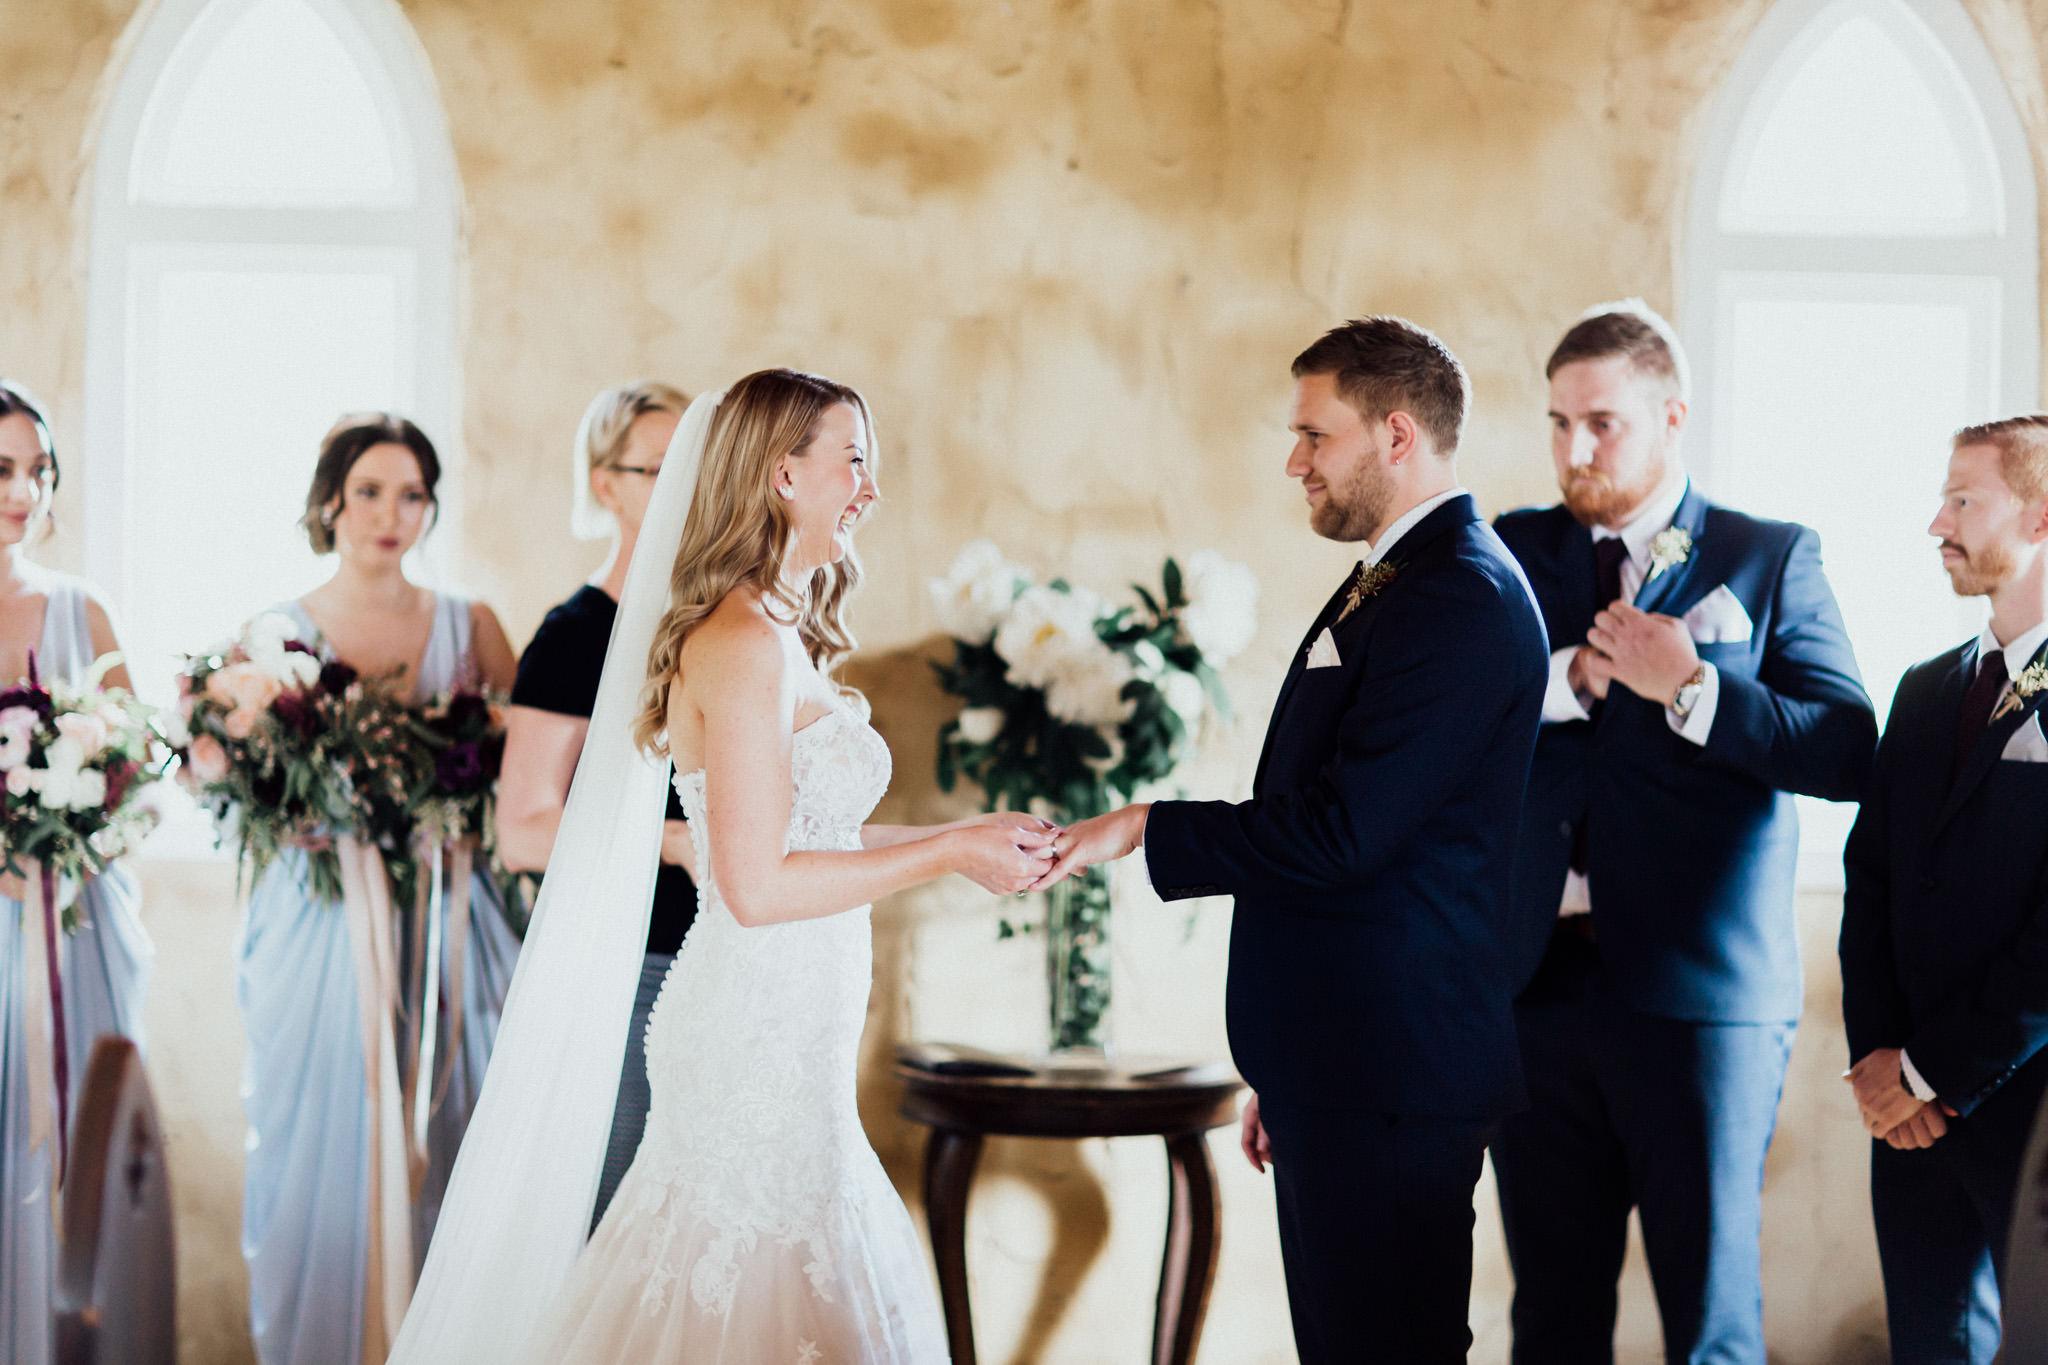 WeddingPhotos_Facebook_2048pixels-1052.jpg